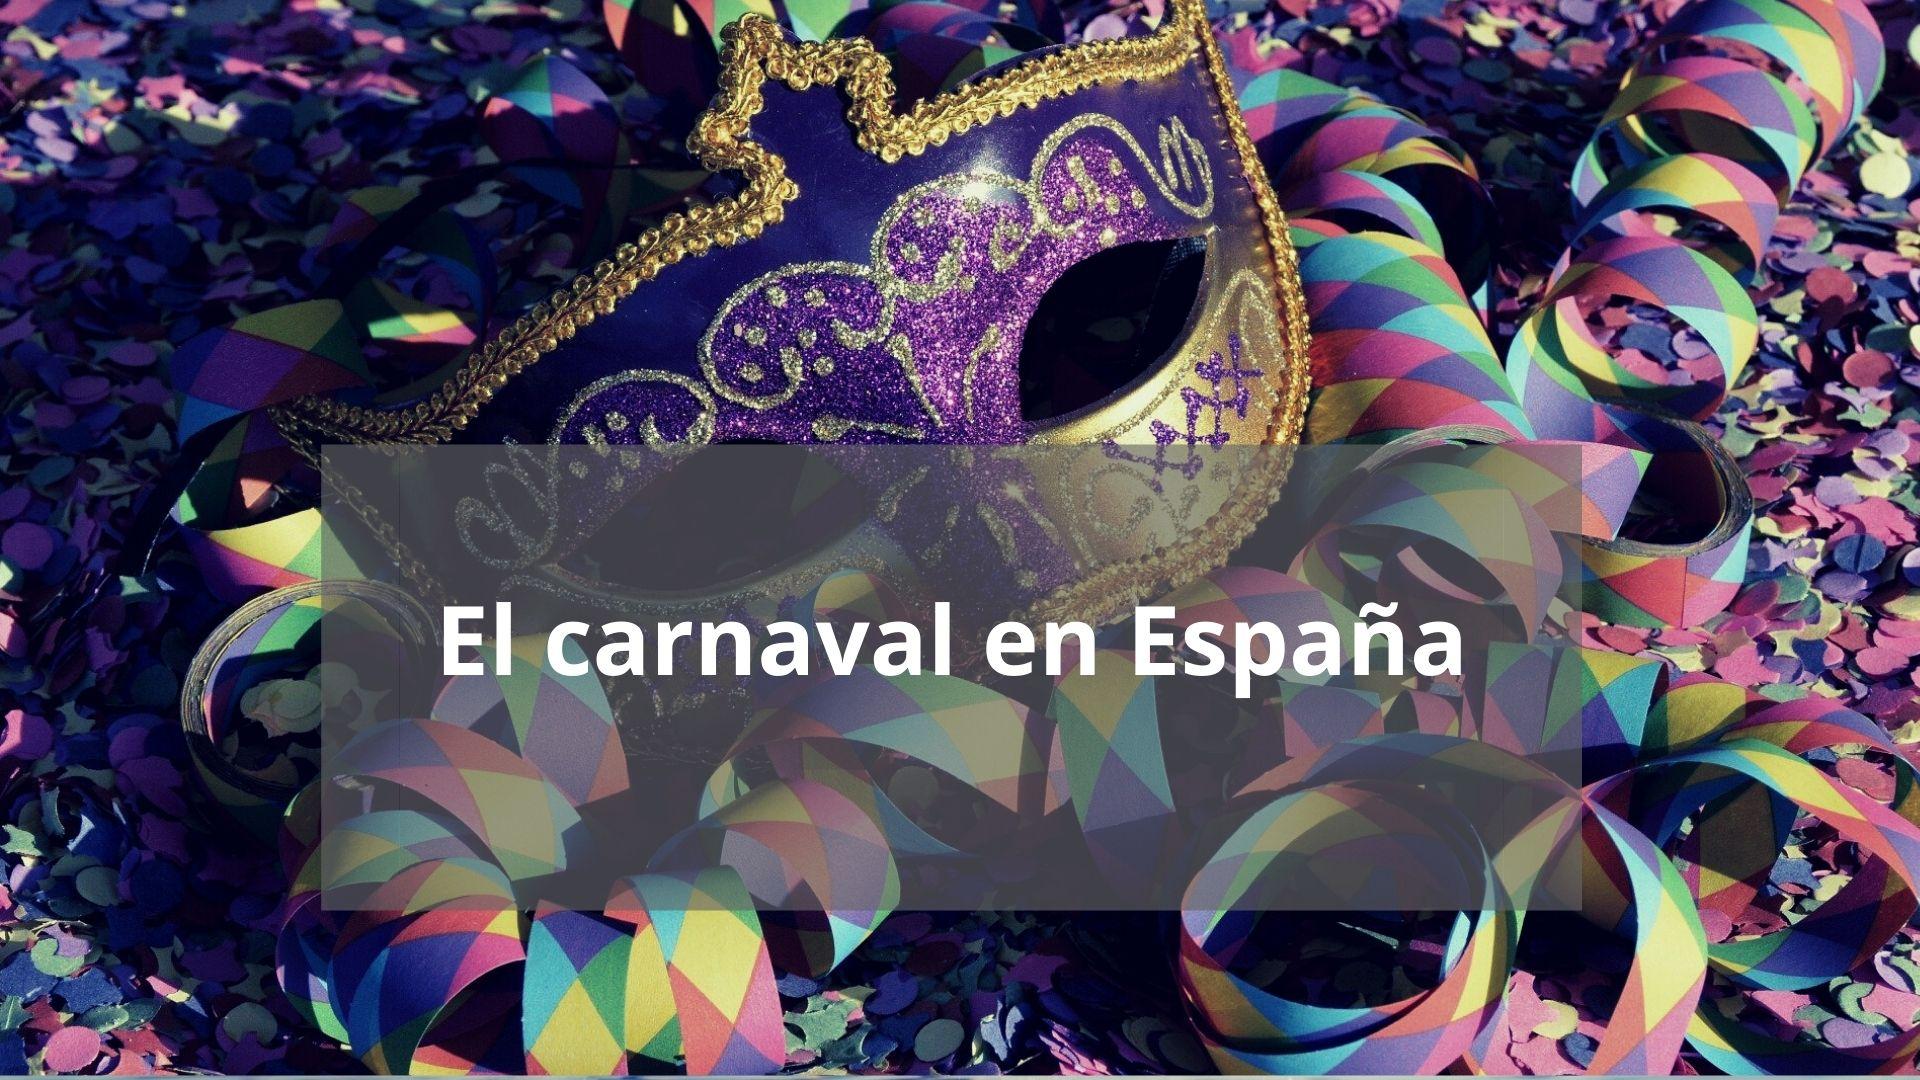 El carnaval en España: cómo lo celebramos